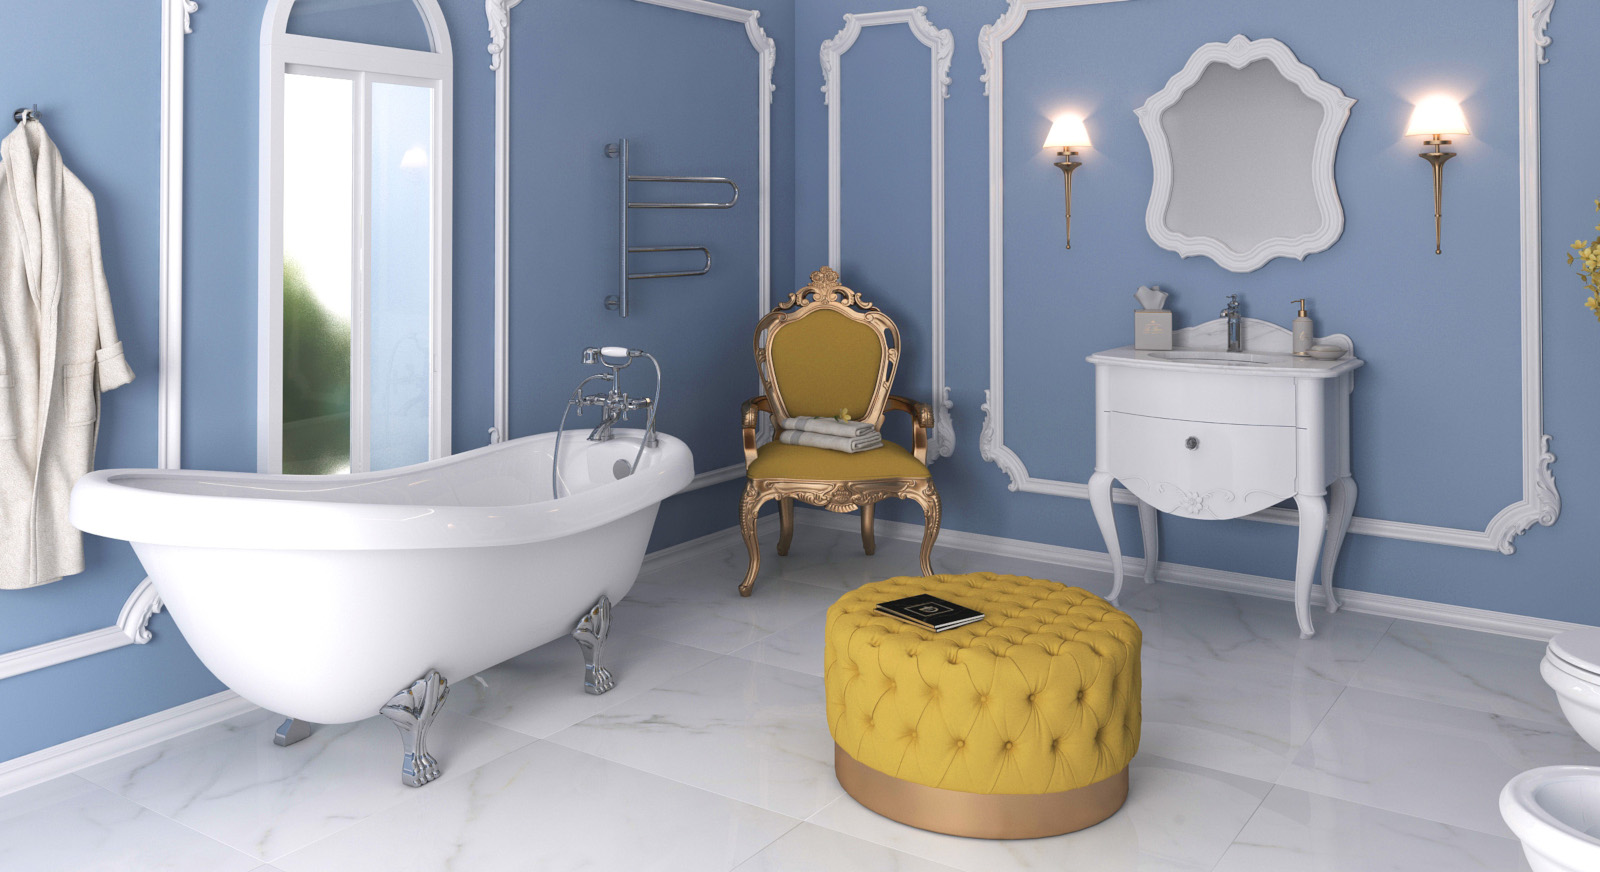 Casa de banho clássica Smile Bath